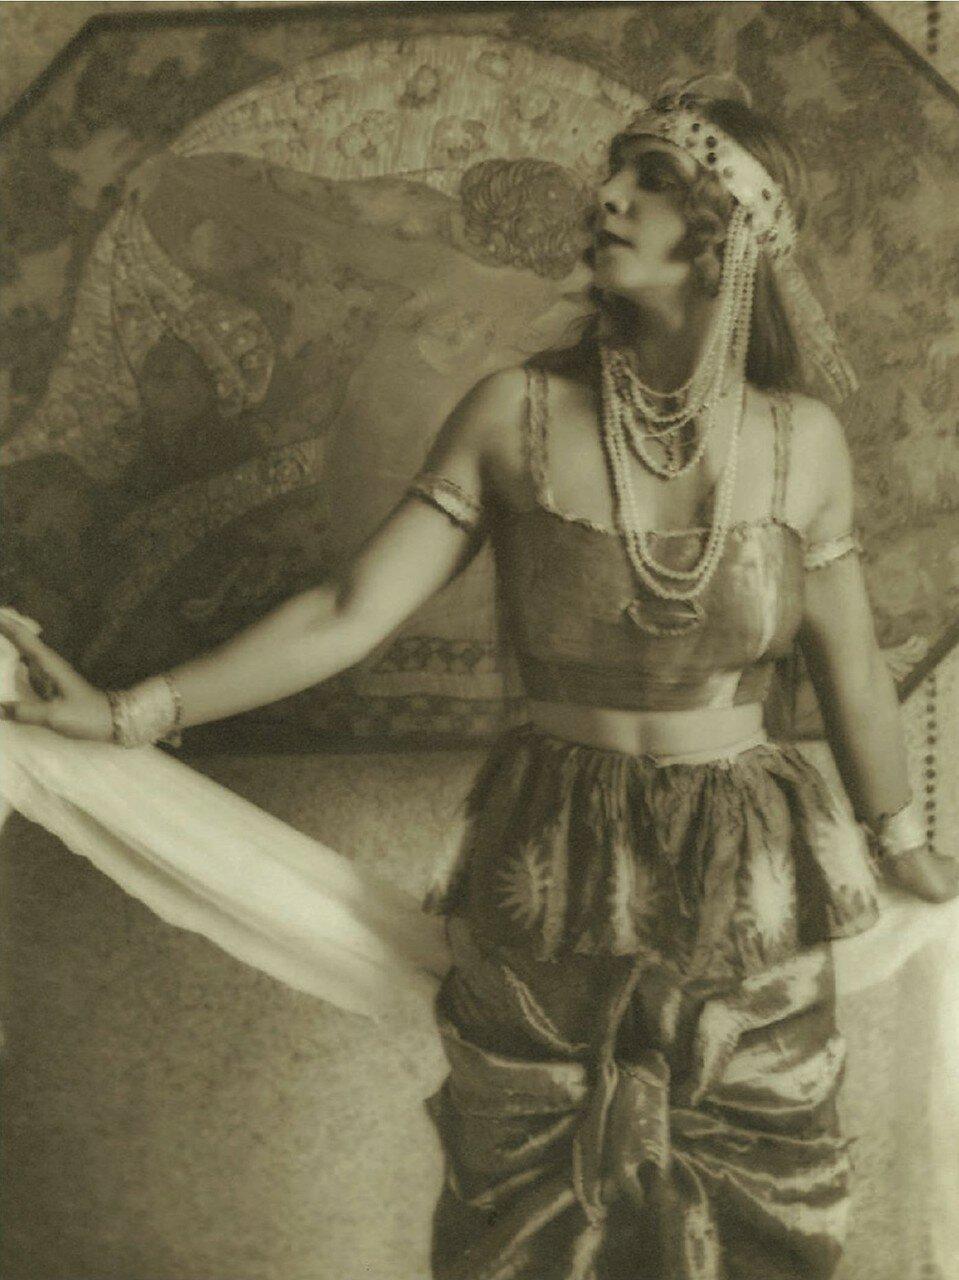 1920. Портрет актрисы